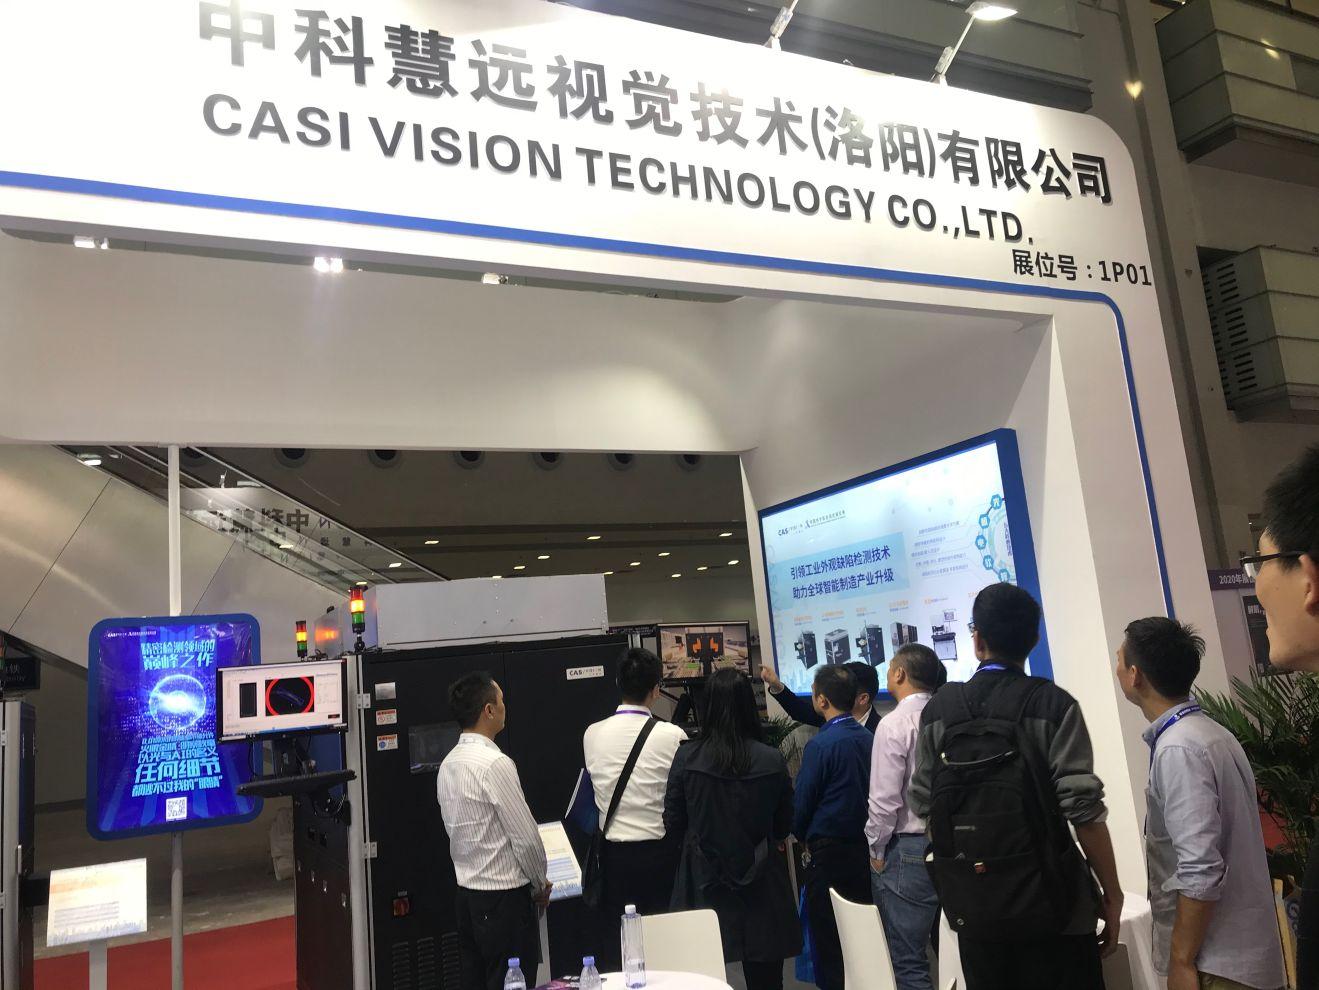 中科慧远三款智能检测设备亮相深圳全触展 多项性能指标行业第一